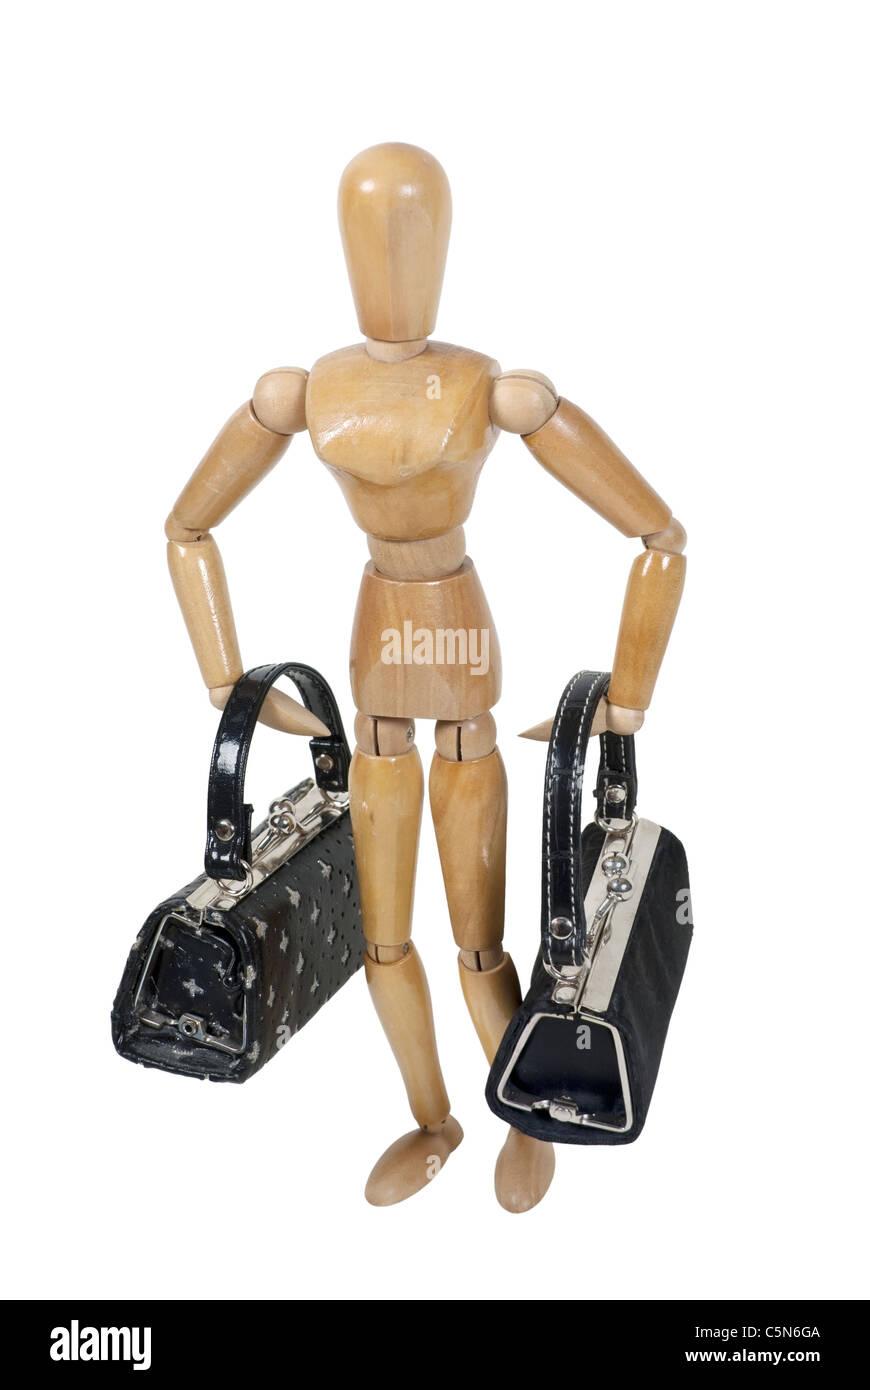 Modello in legno che trasportano sacchi di colore nero di bagagli per il viaggio - percorso incluso Immagini Stock